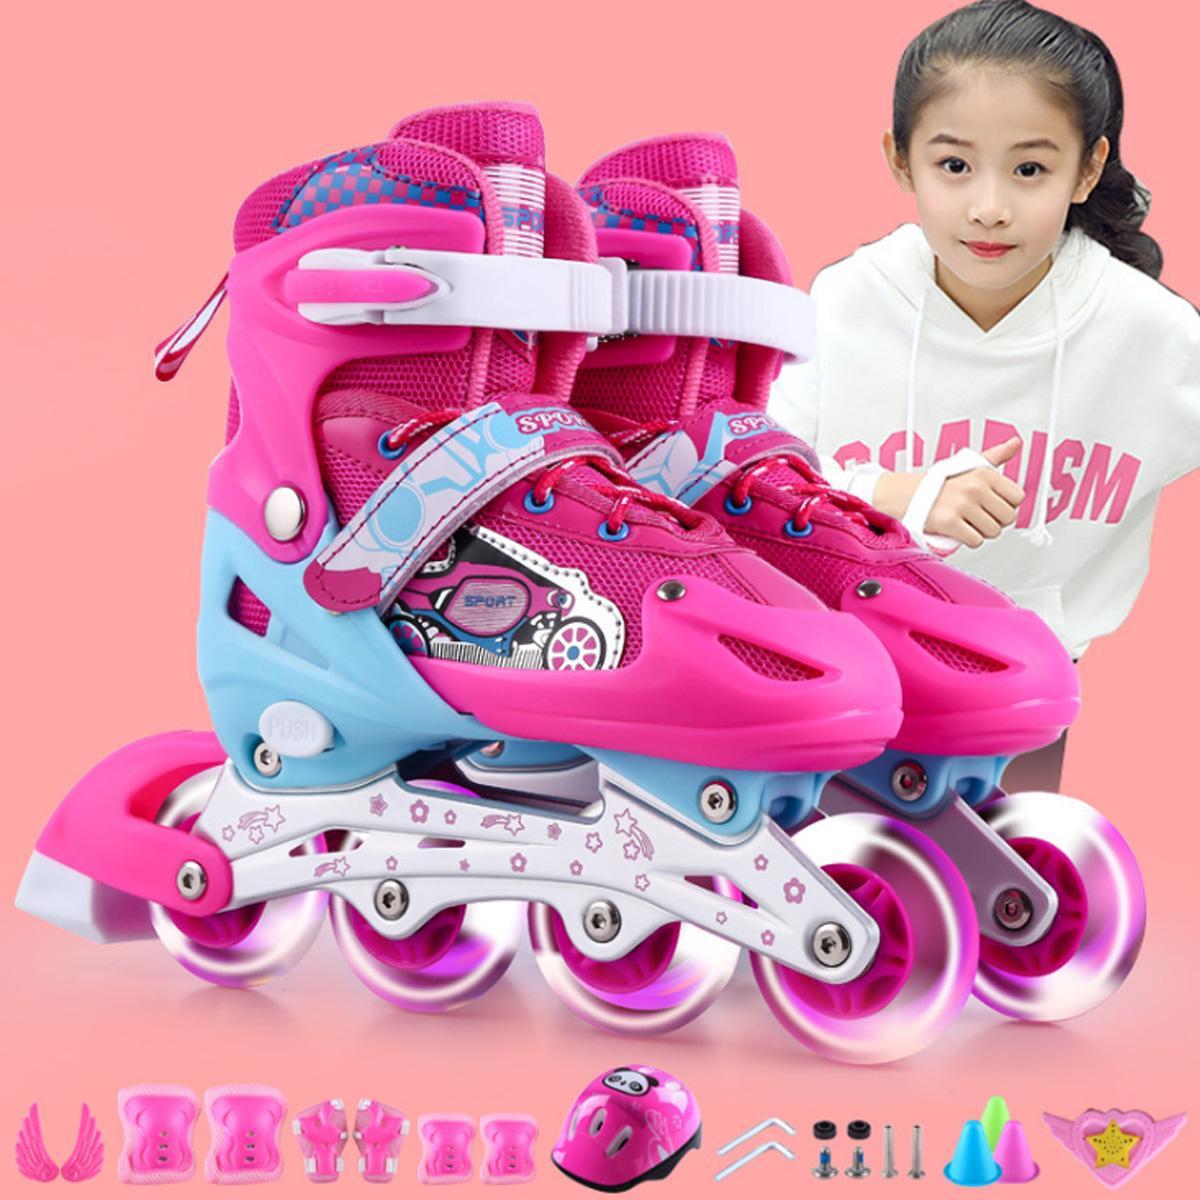 Giá bán Giày trượt patin trẻ em cao cấp + Tặng kèm đầy đủ phụ kiện (mũ bảo hiểm, bảo vệ tay chân, đồ trang trí)